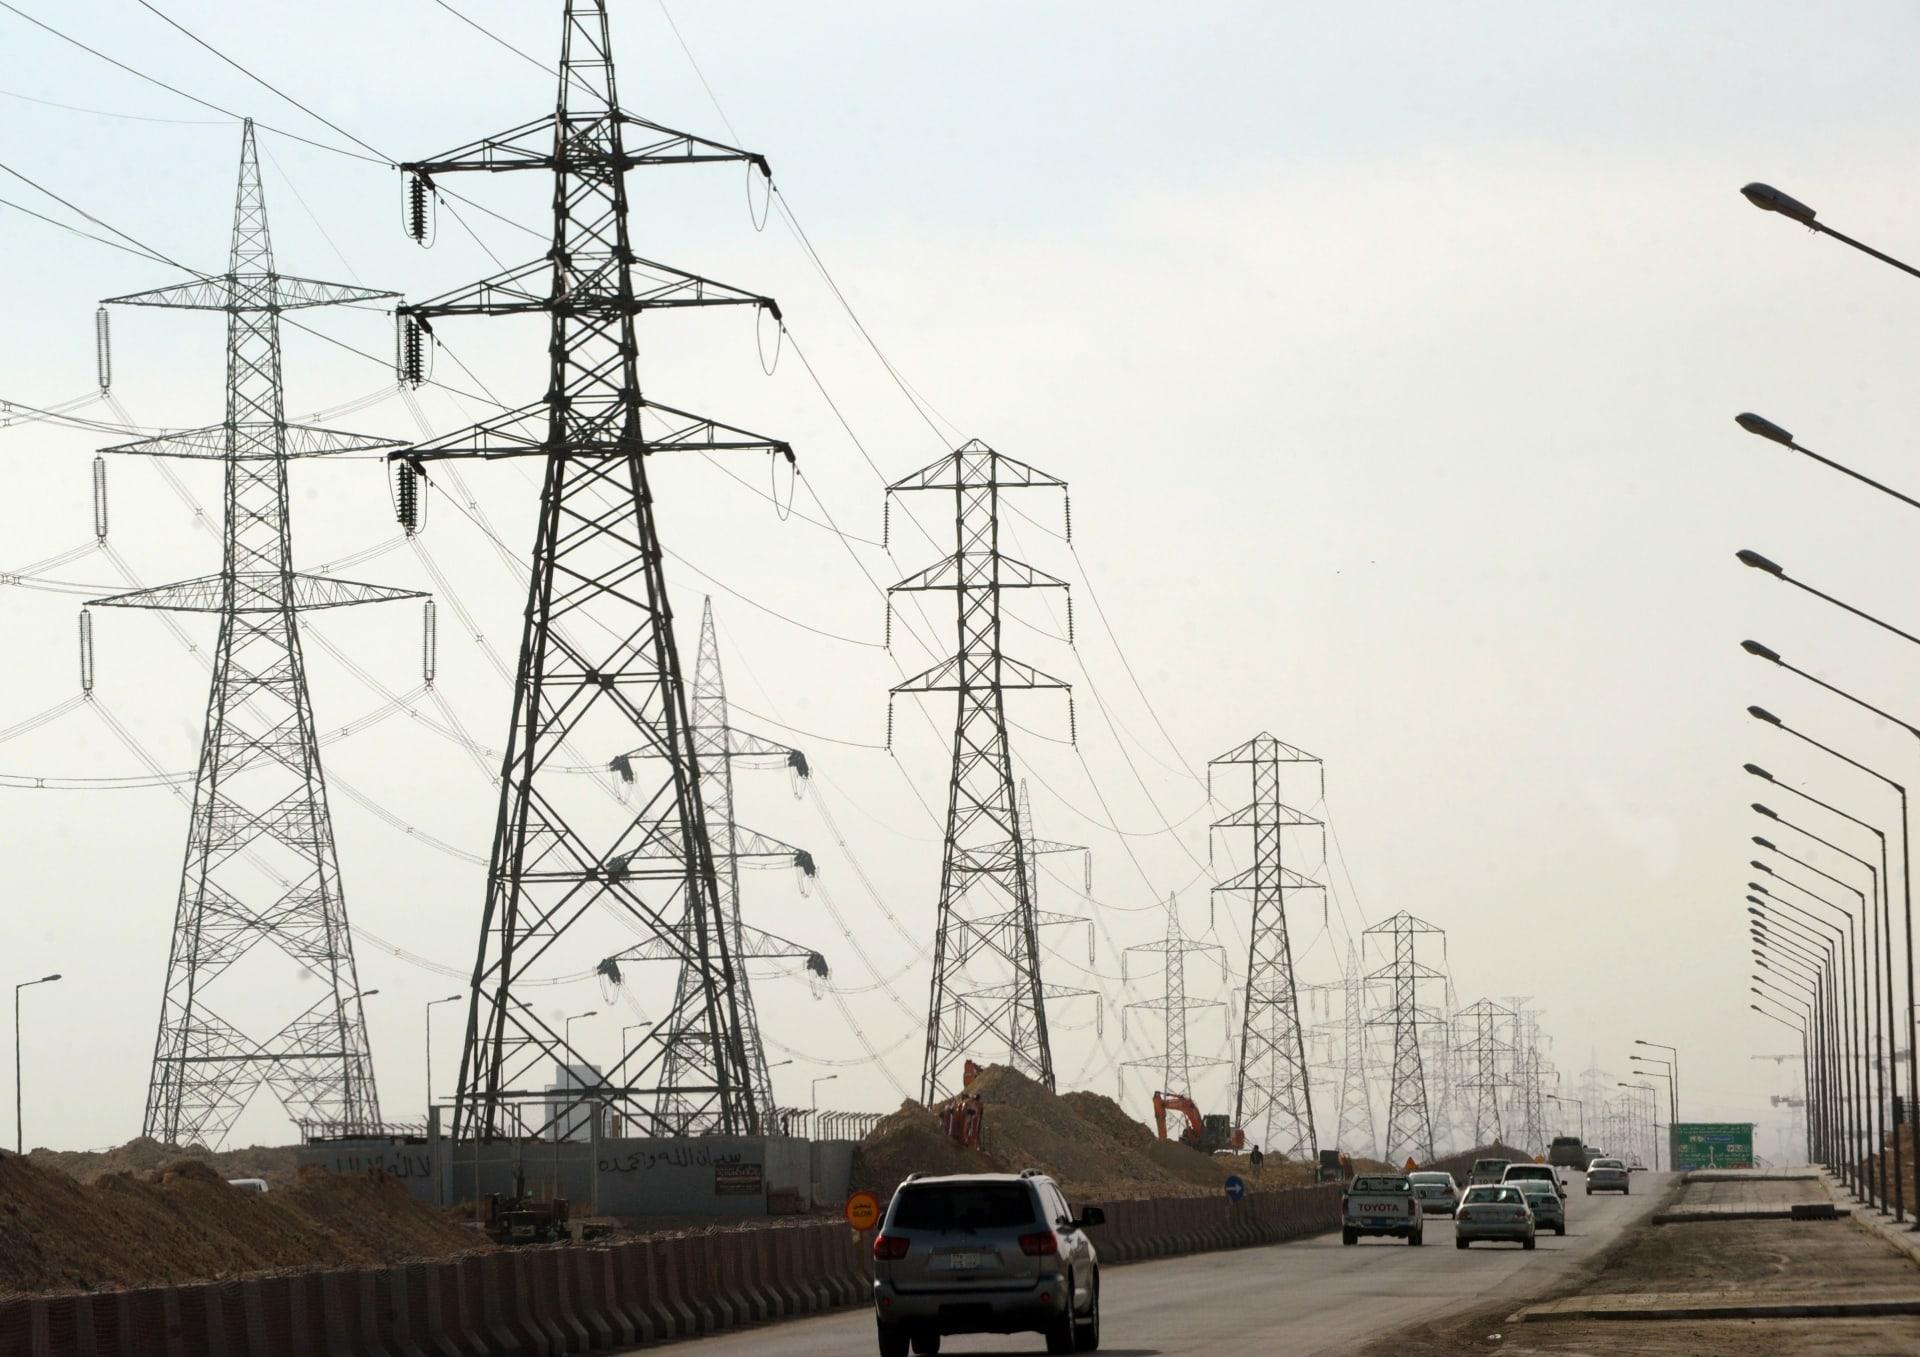 أبراج كهربائية في الرياض